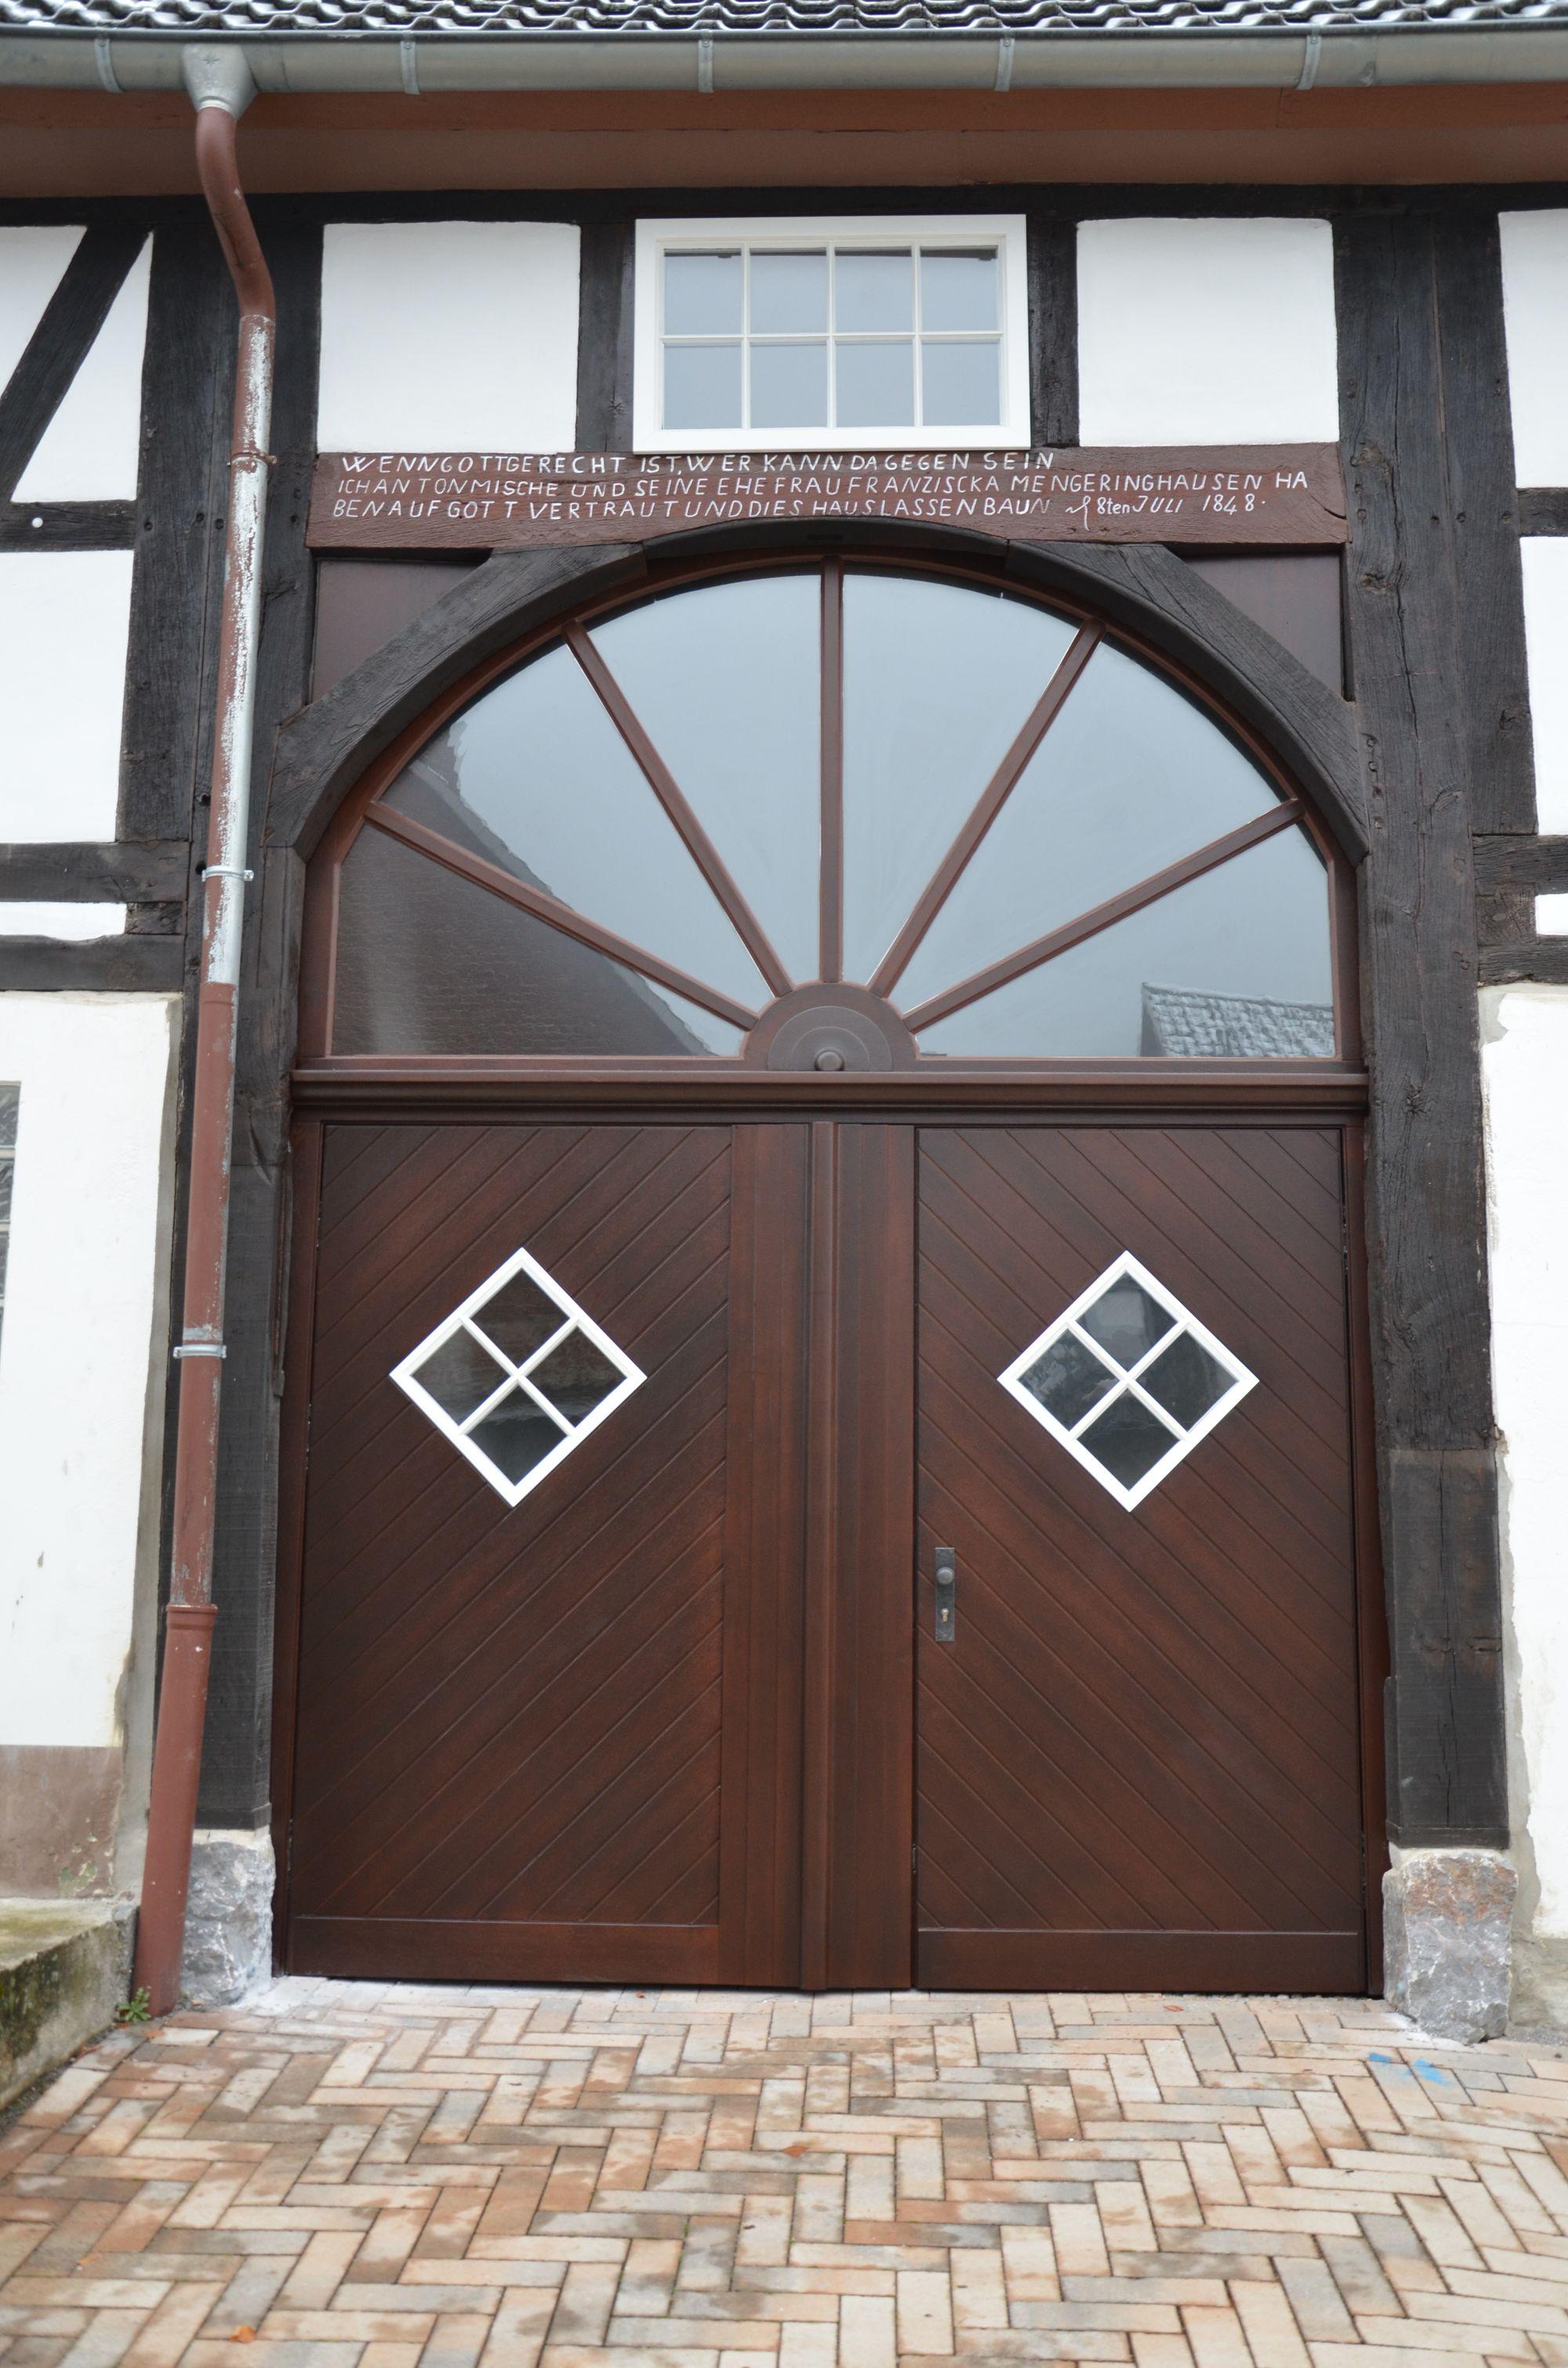 Deelentor und Haustür